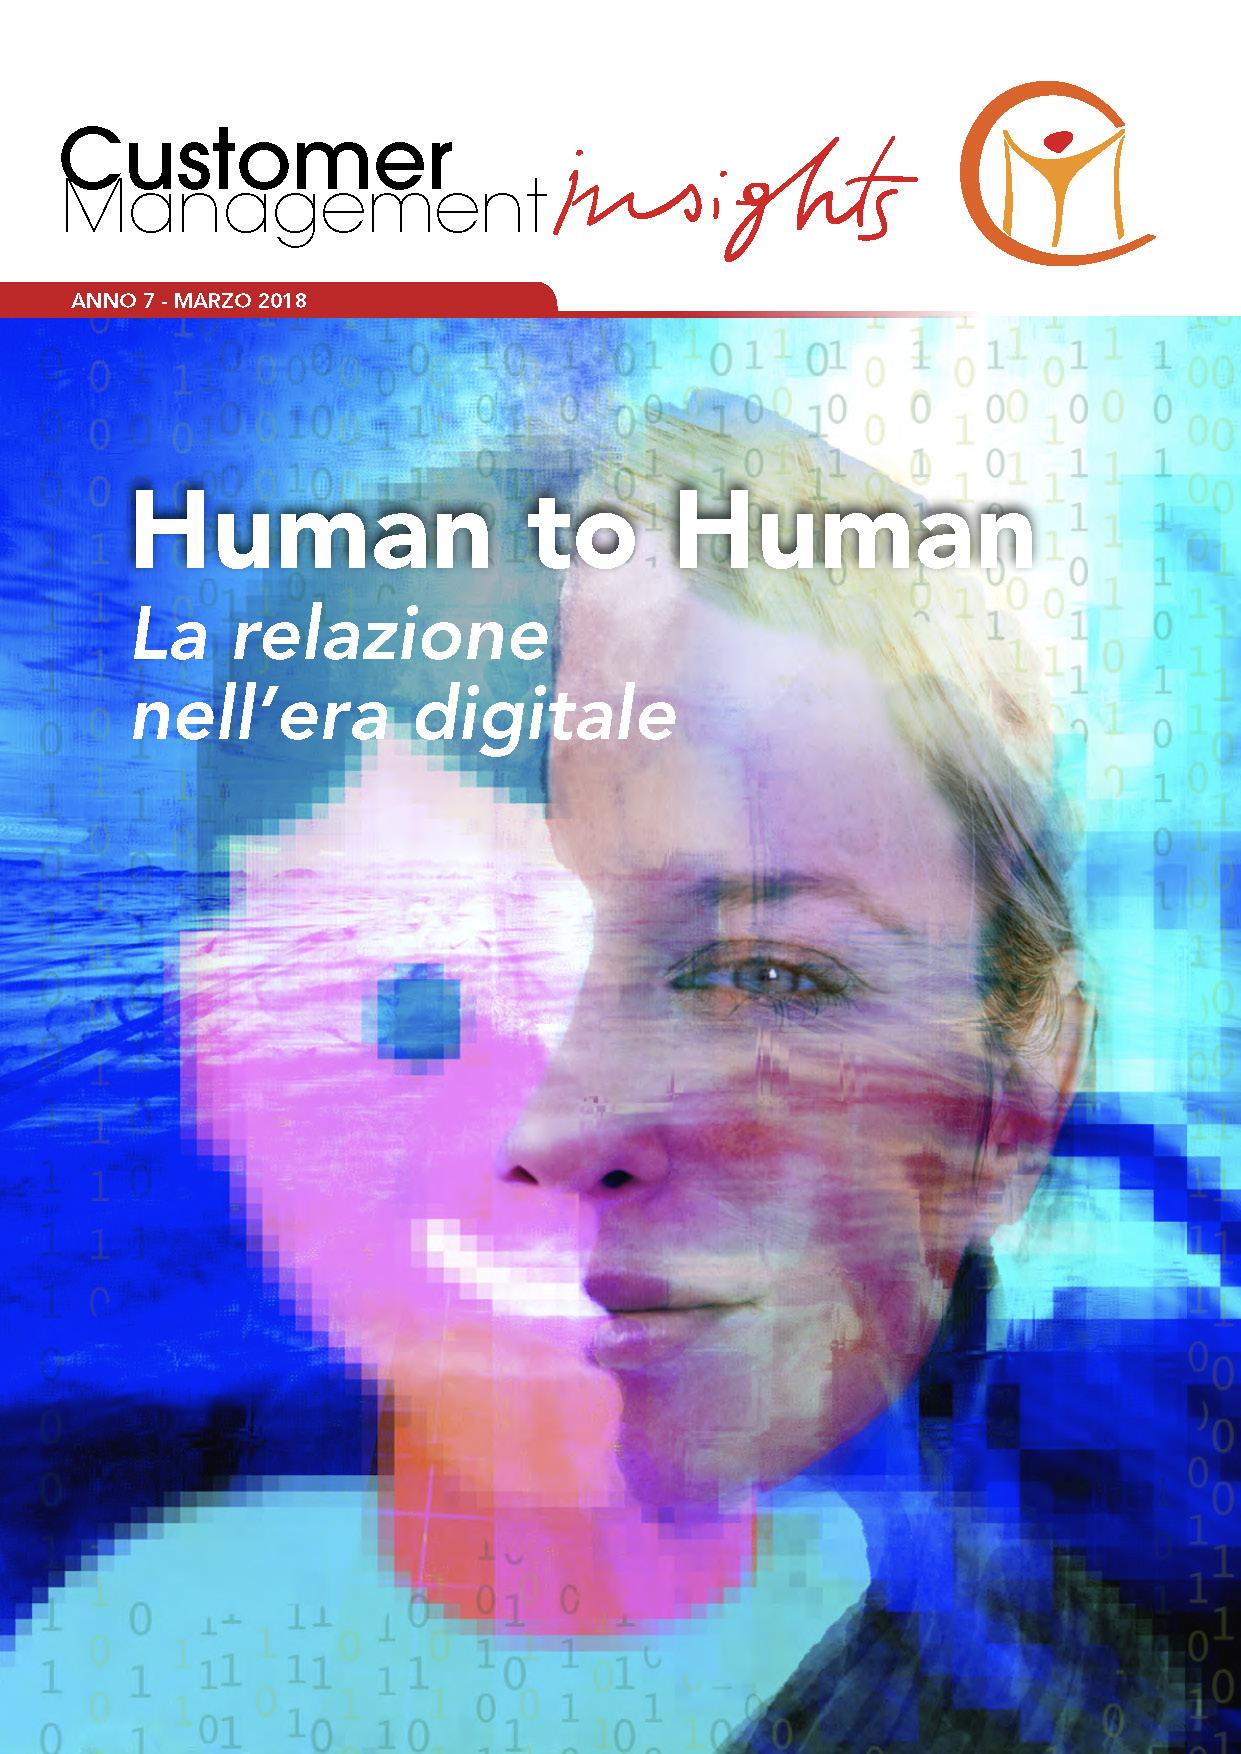 cmi_mon-1_2018_human to human